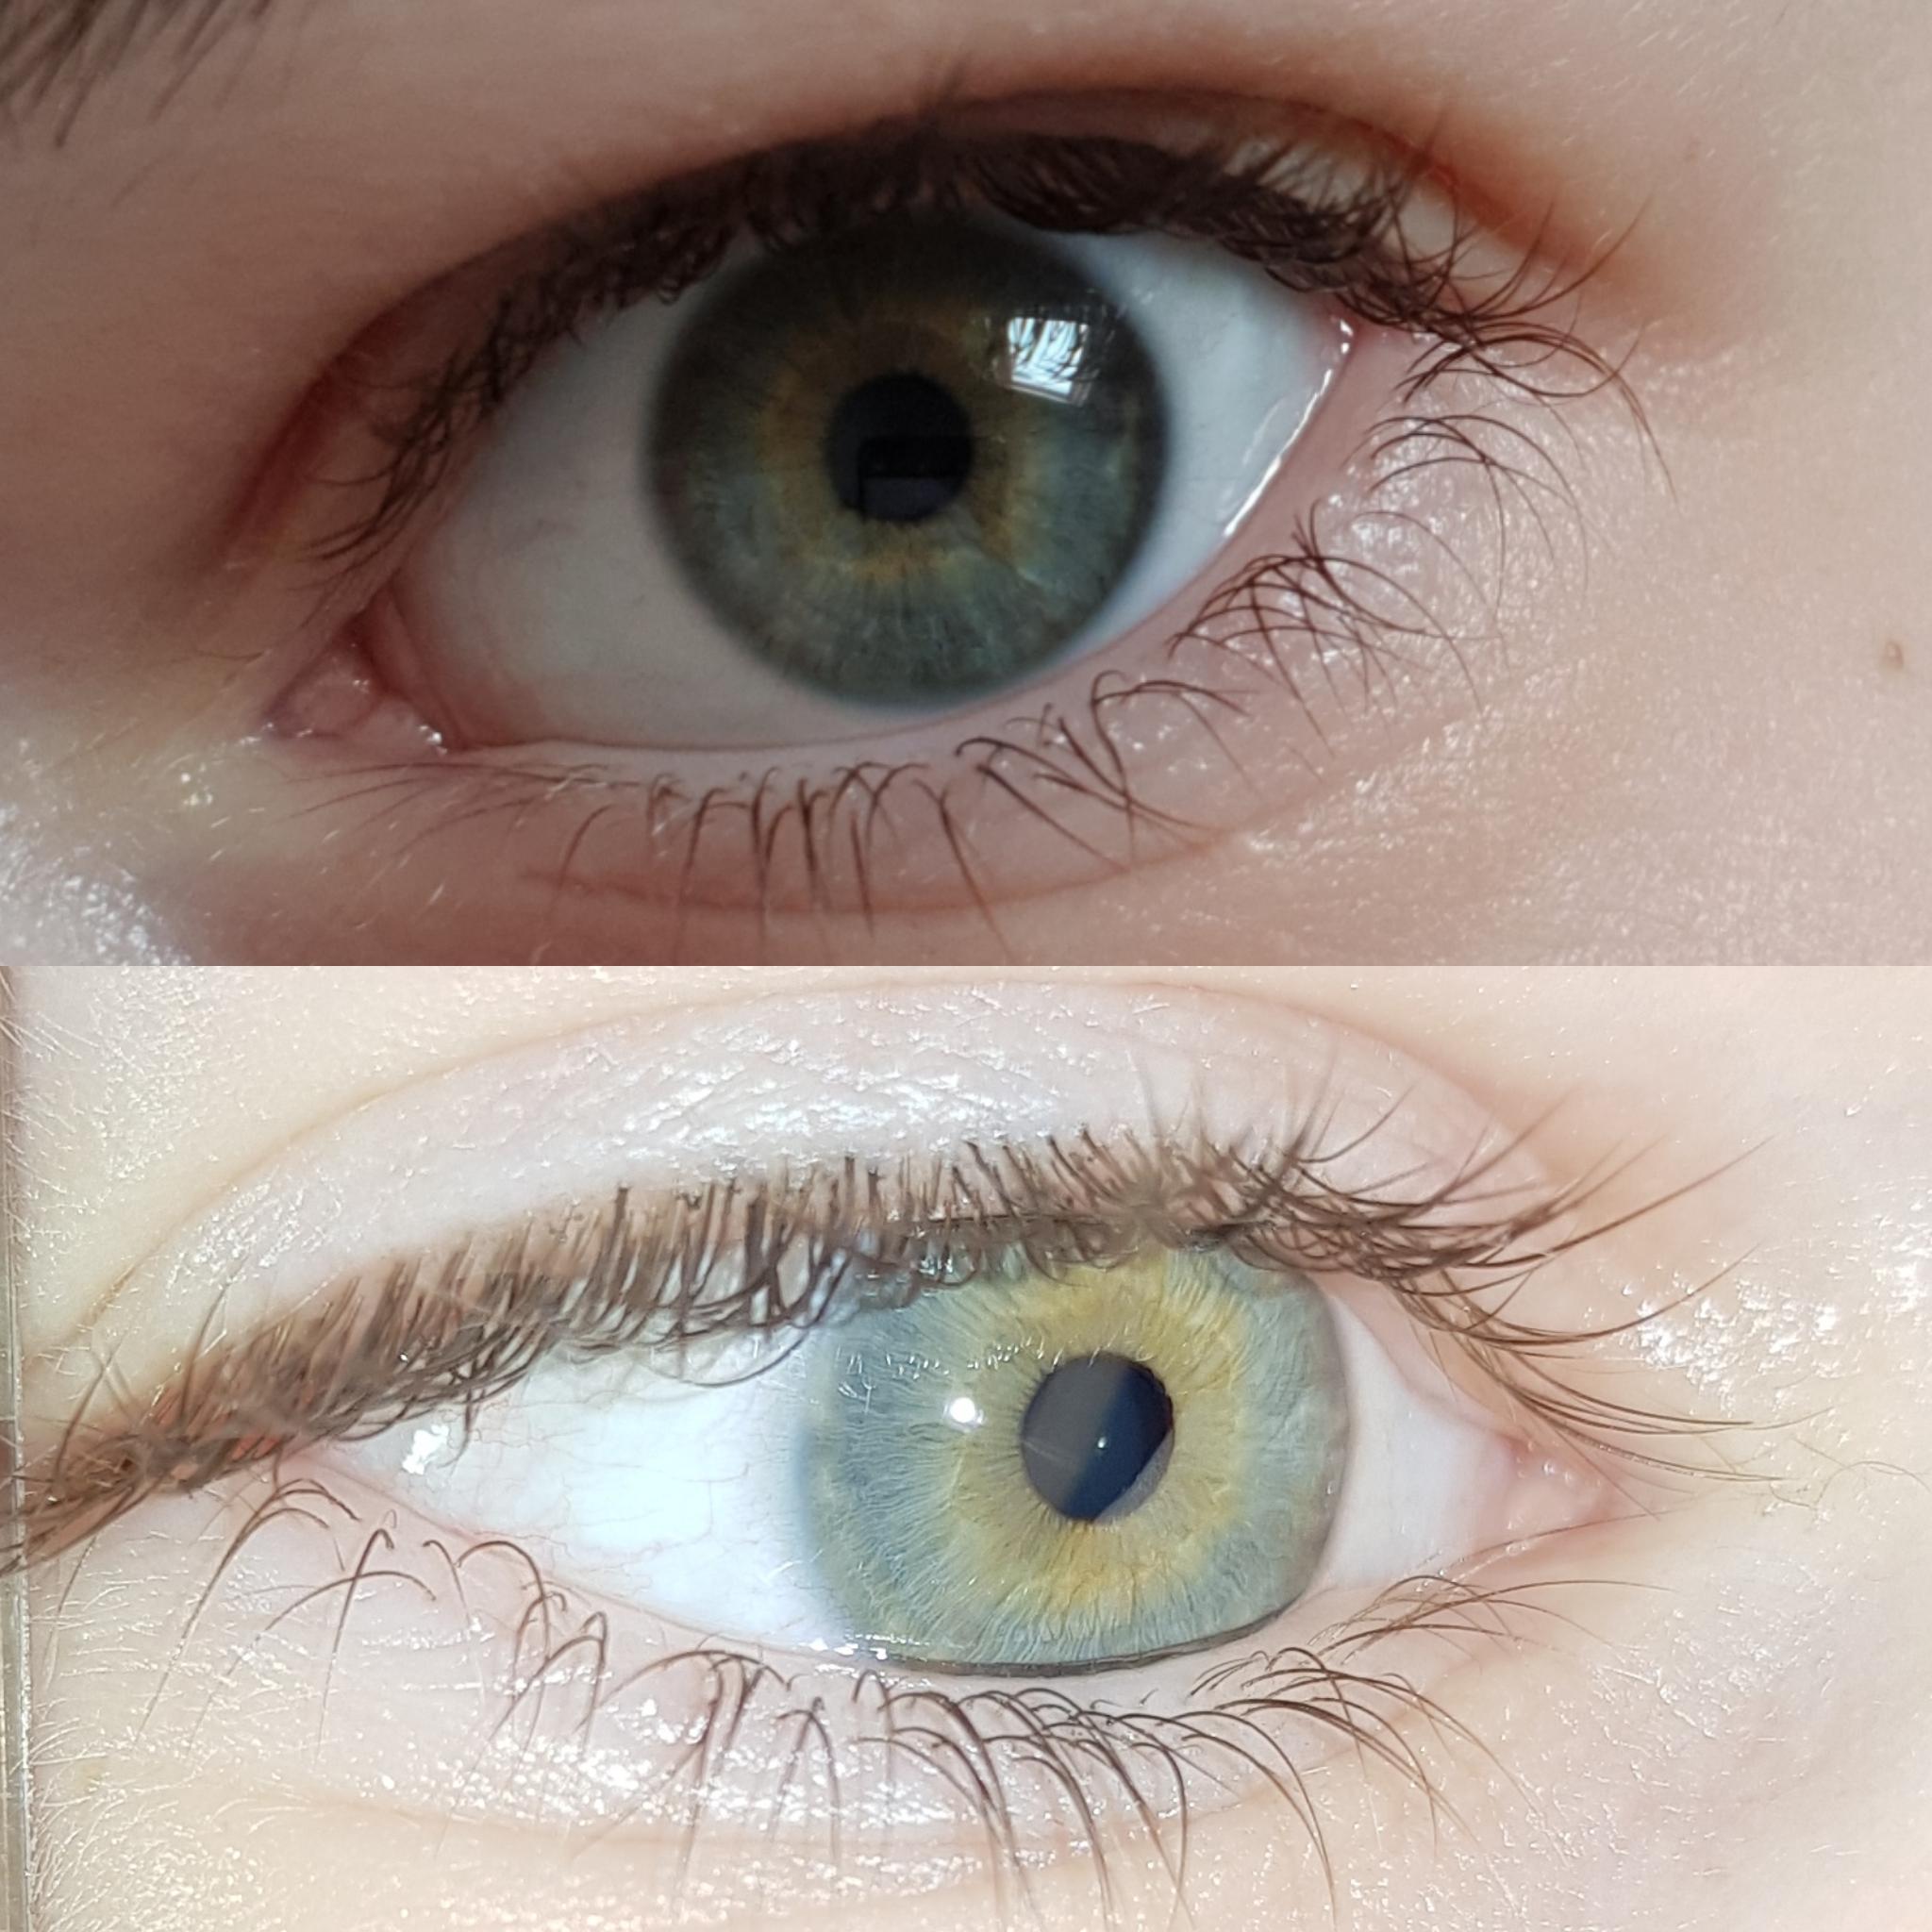 Welche Augenfarbe habe ich :/ (Bild) ? (Augen)